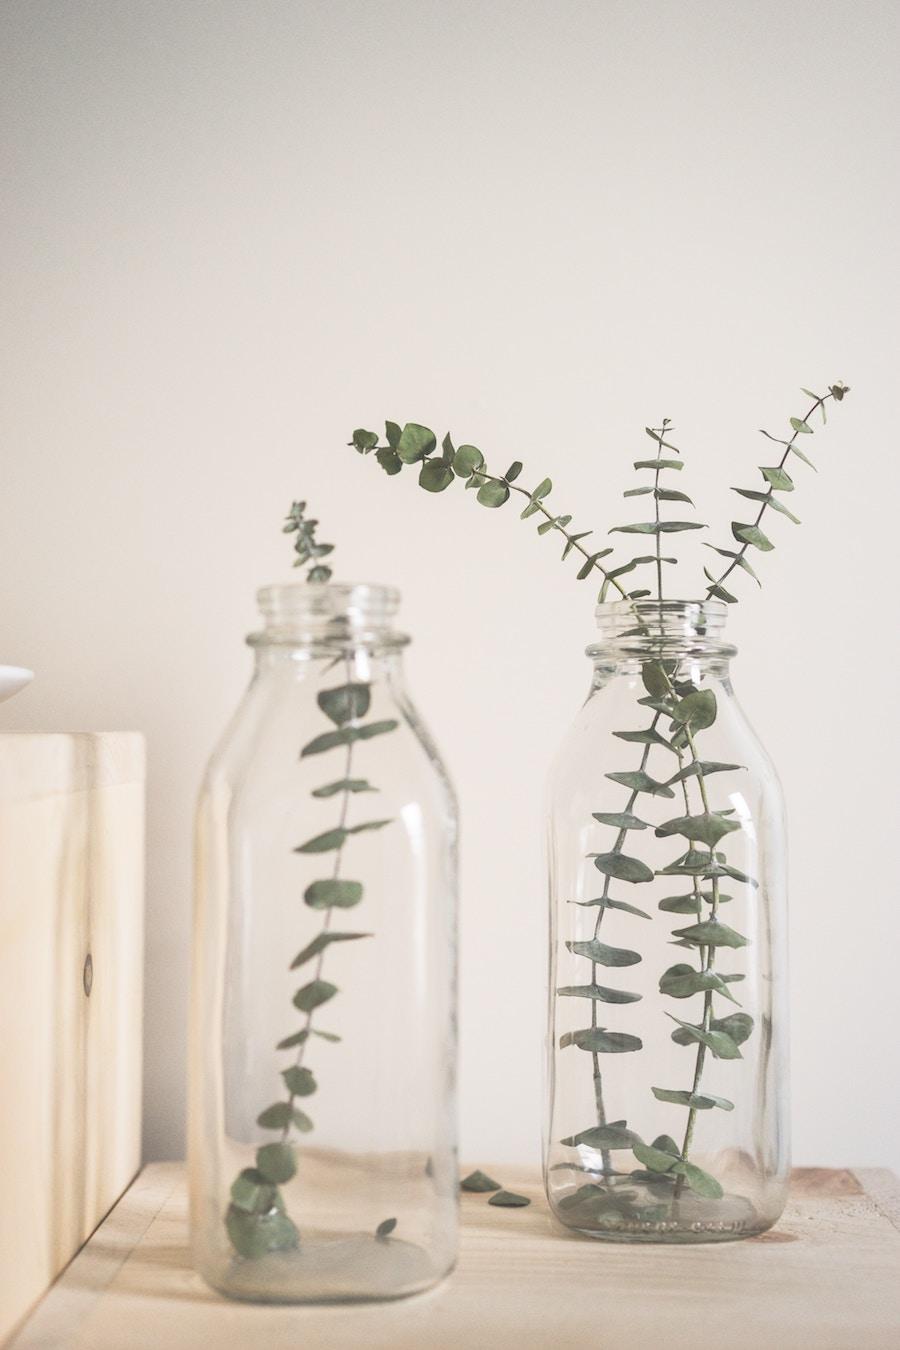 Ramas de eucalipto dentro de una botella de vidrio